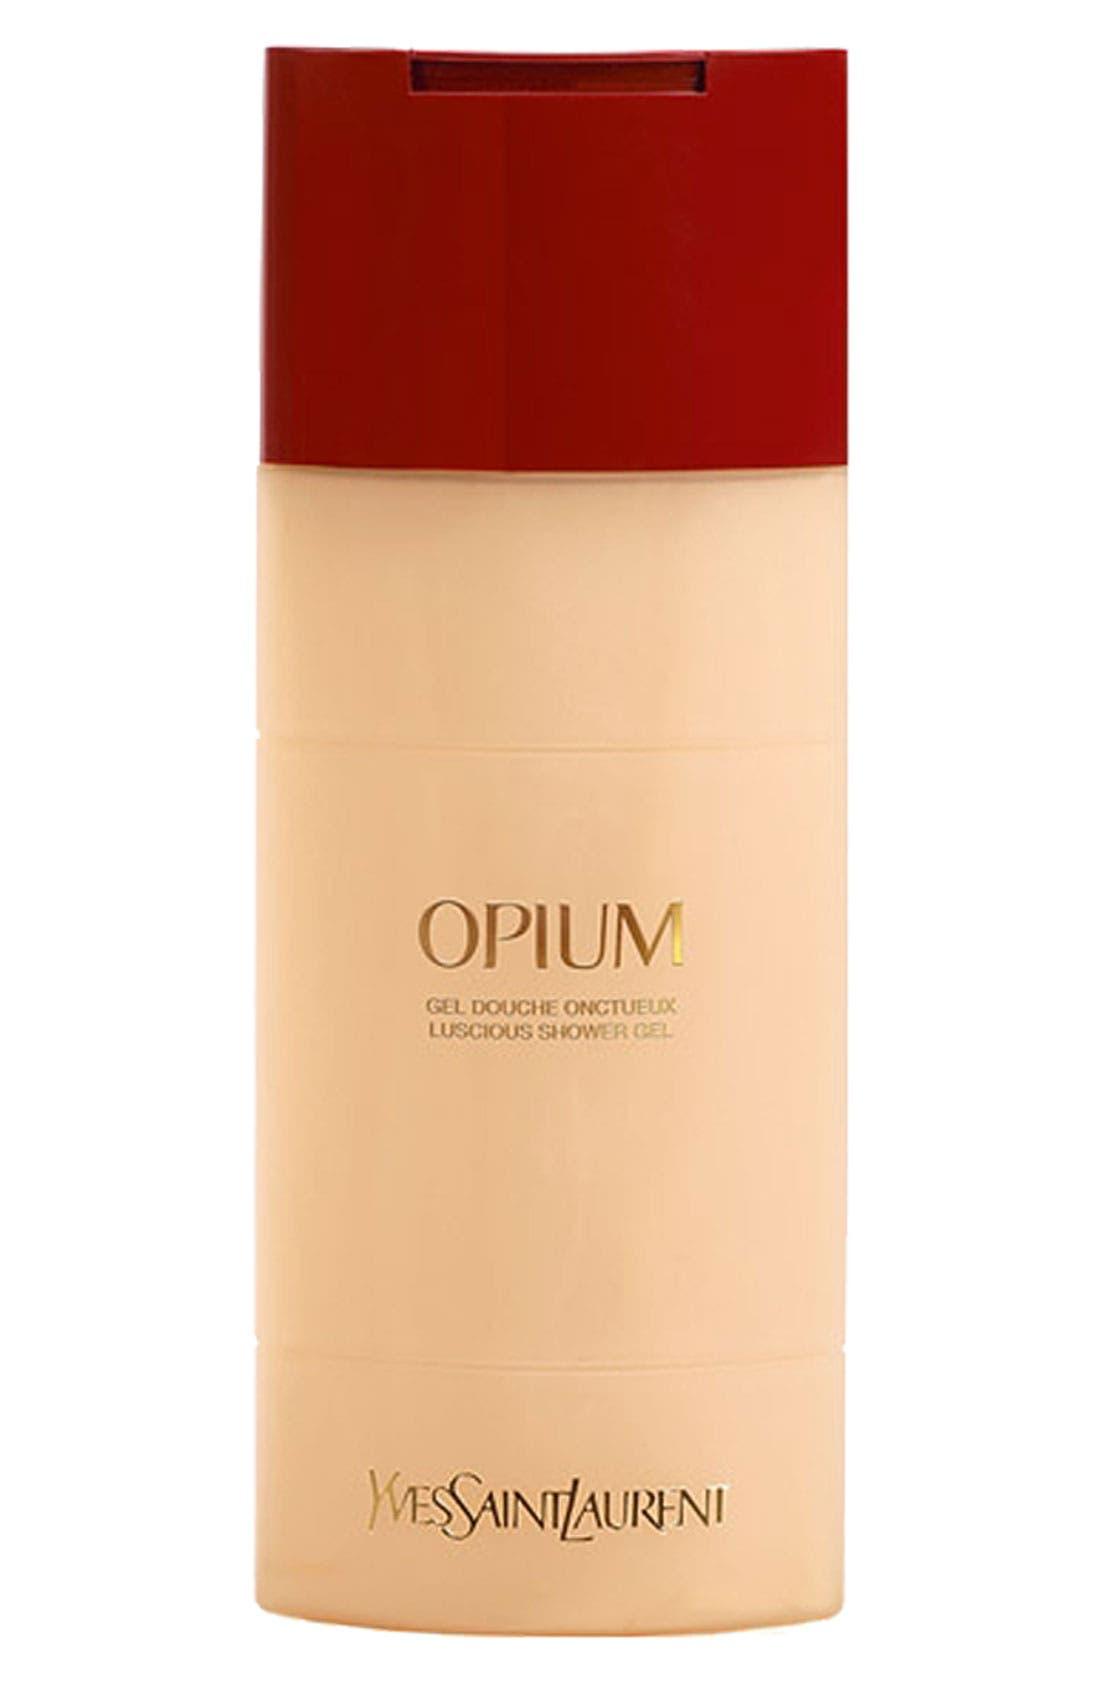 YVES SAINT LAURENT Opium Luscious Shower Gel, Main, color, NO COLOR